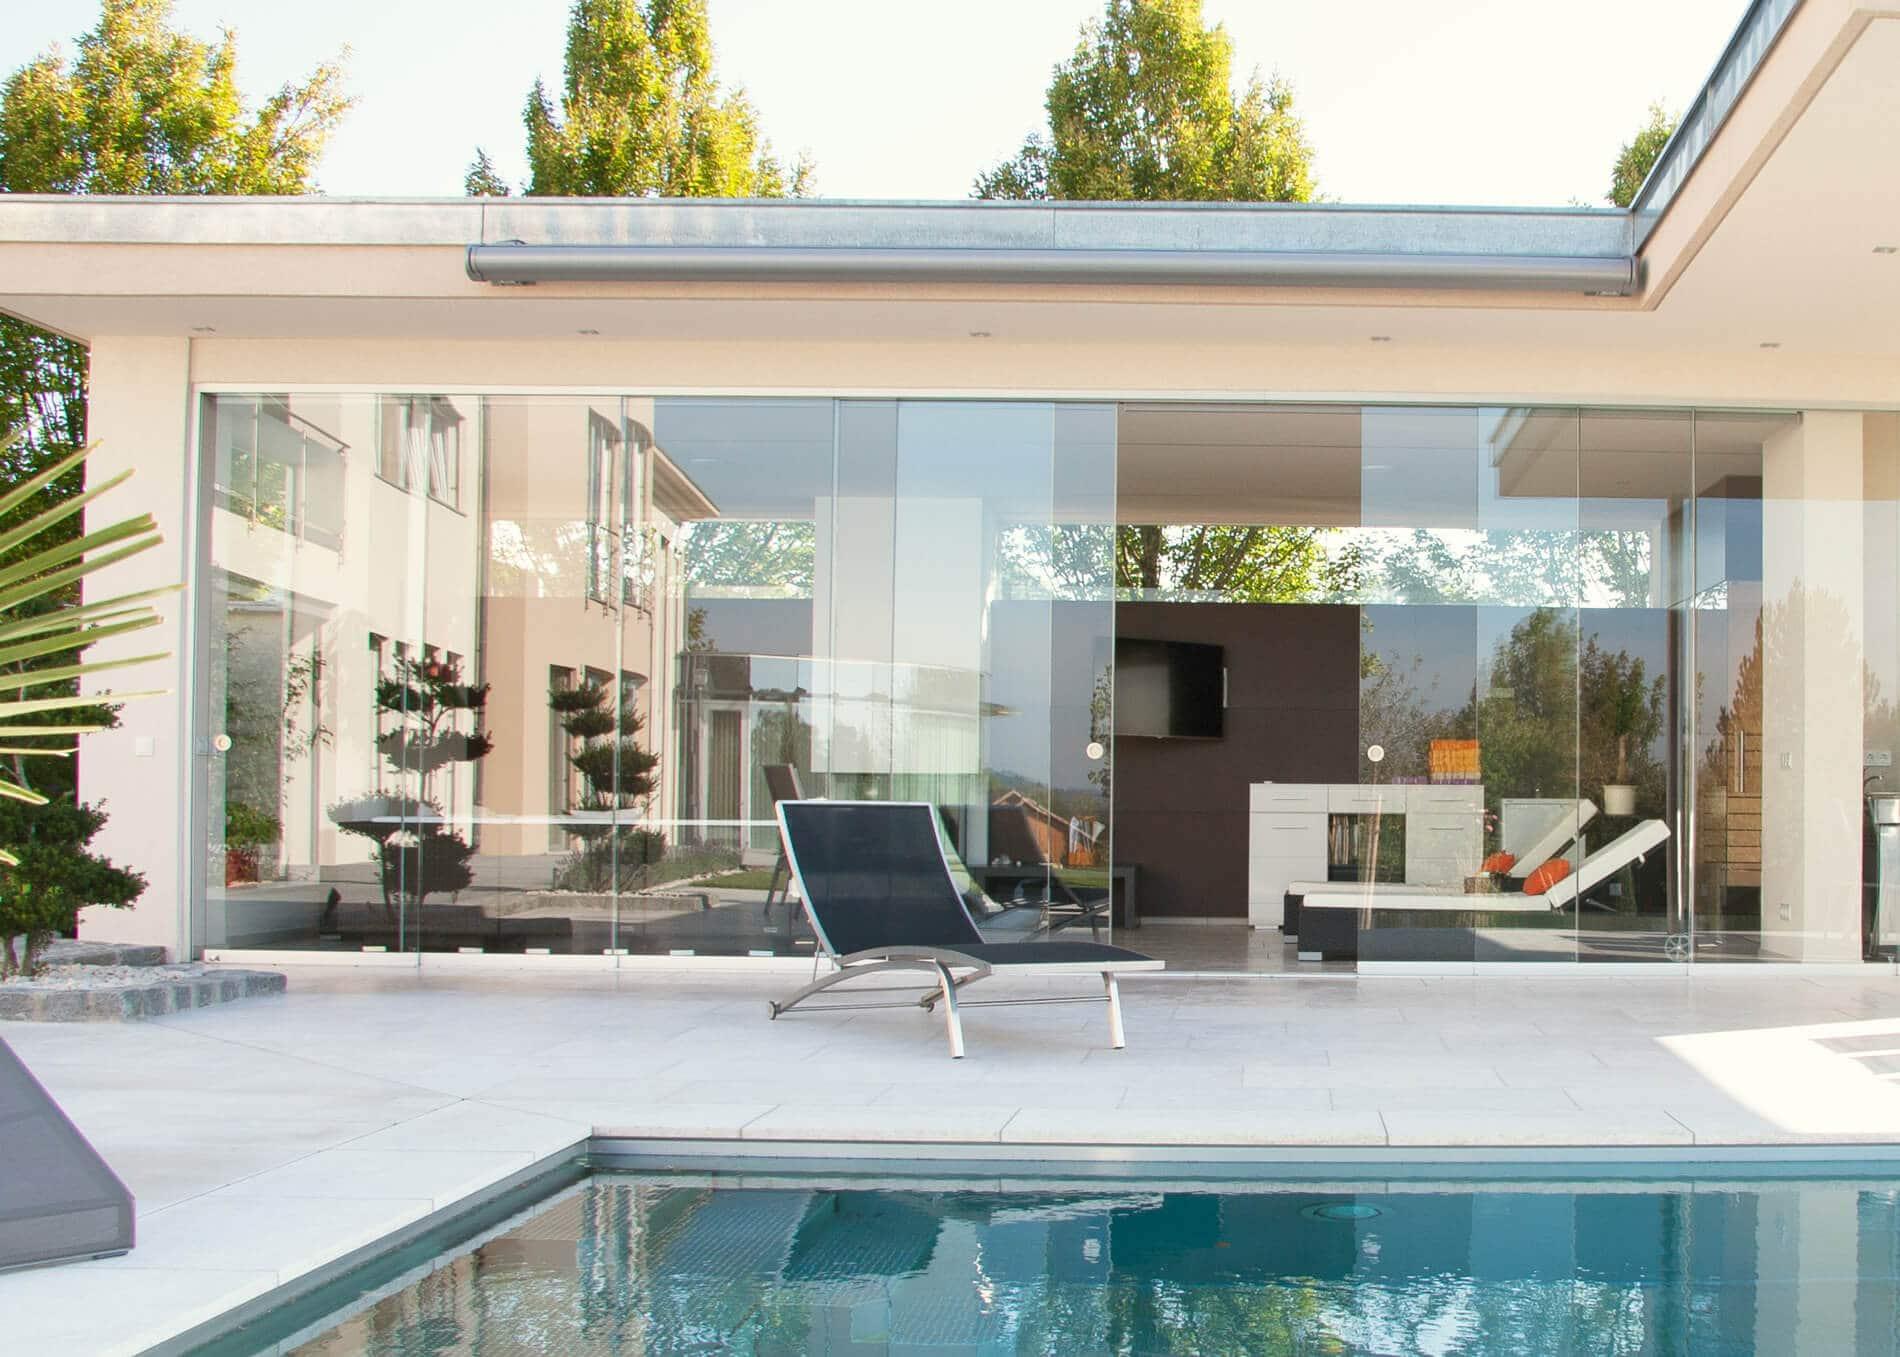 Poolhaus modern mit Glas